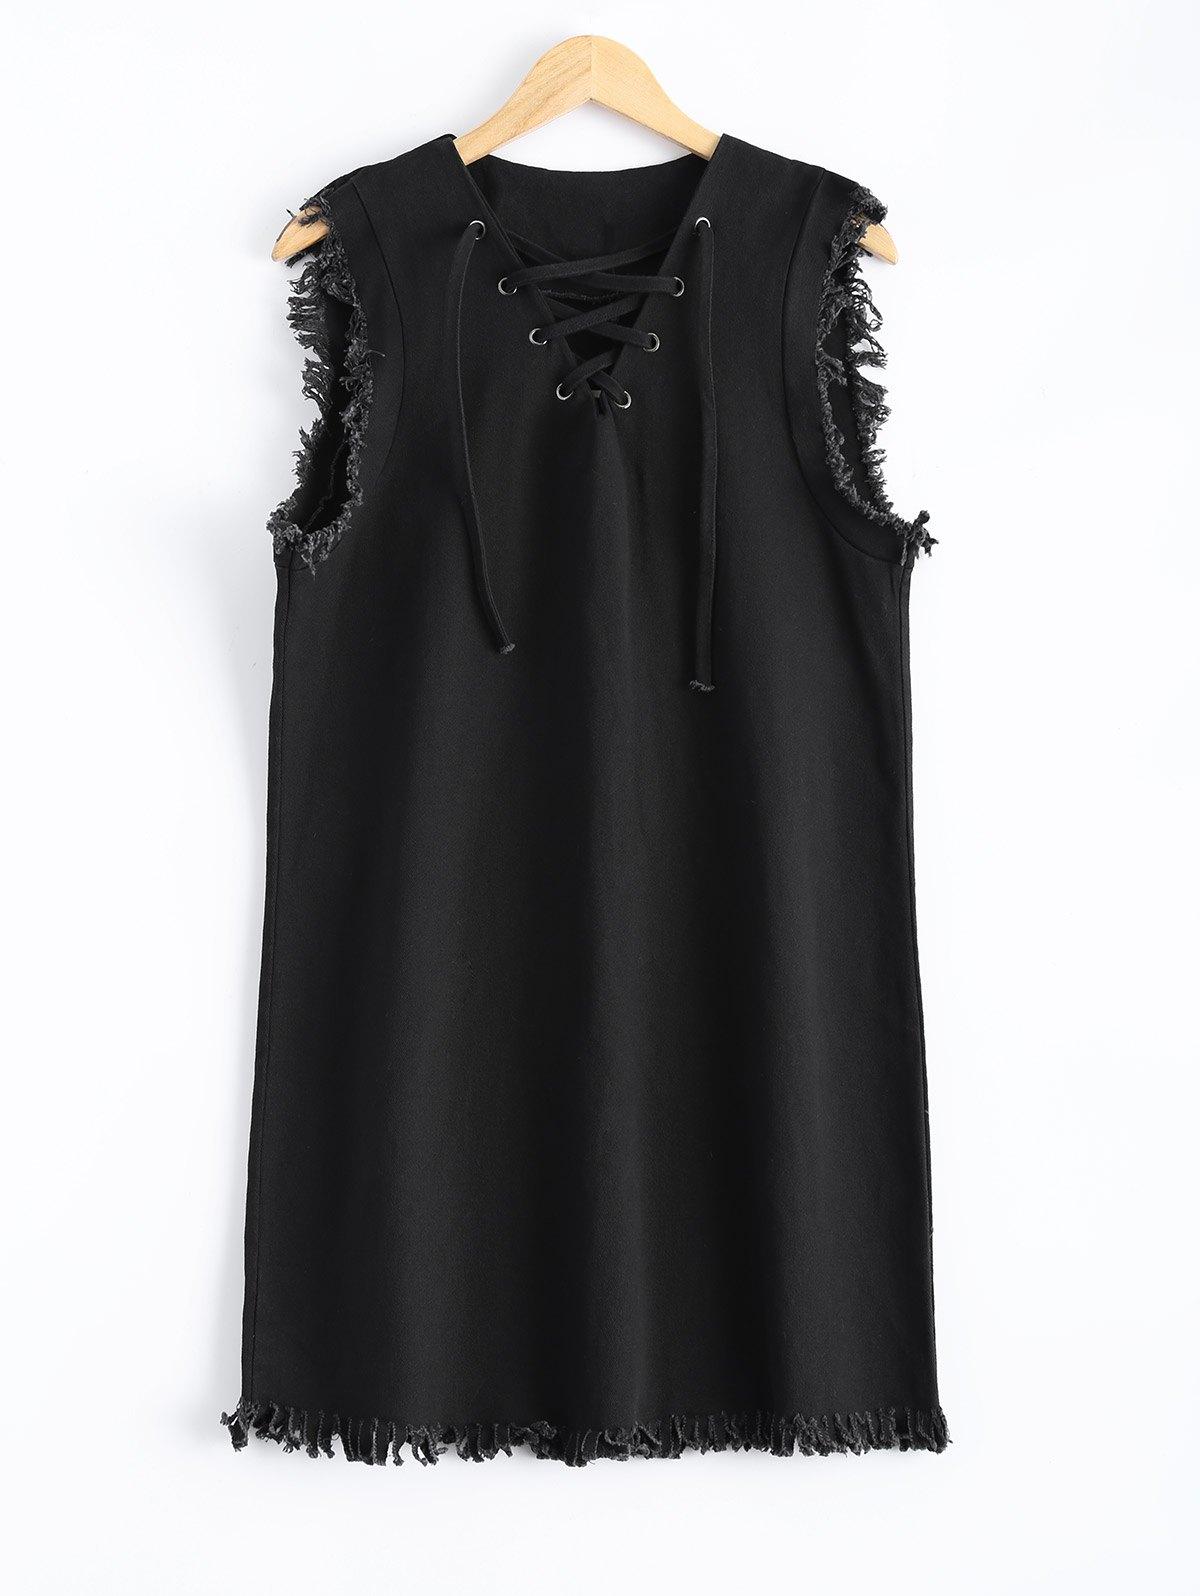 Lace-Up Fringed Dress